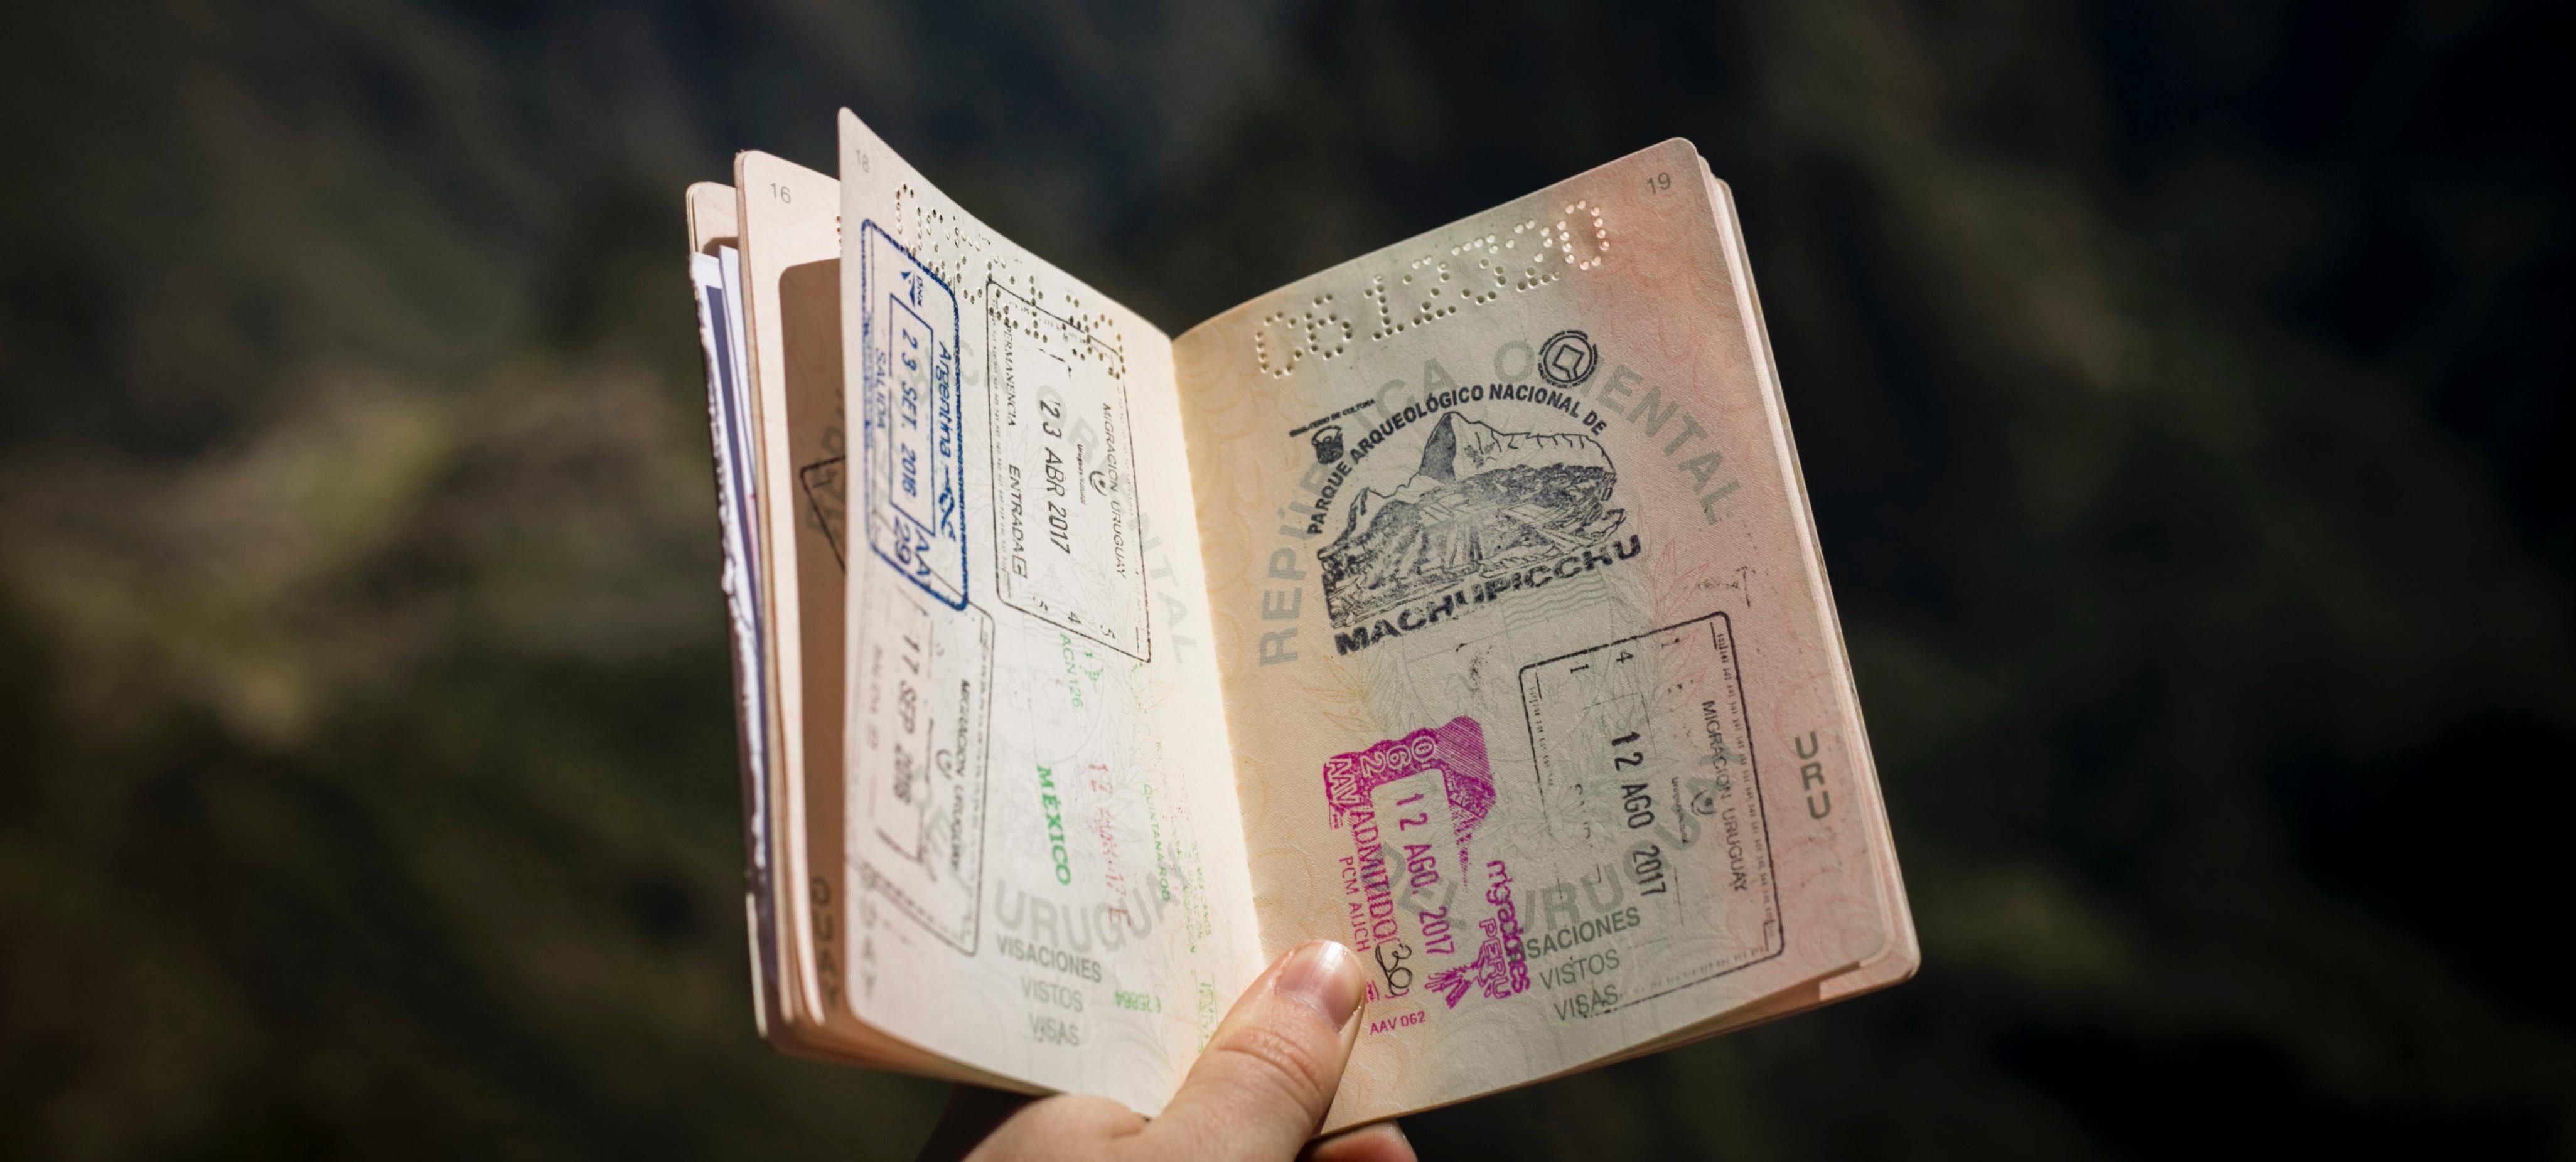 hvornår kan man søge dansk statsborgerskab